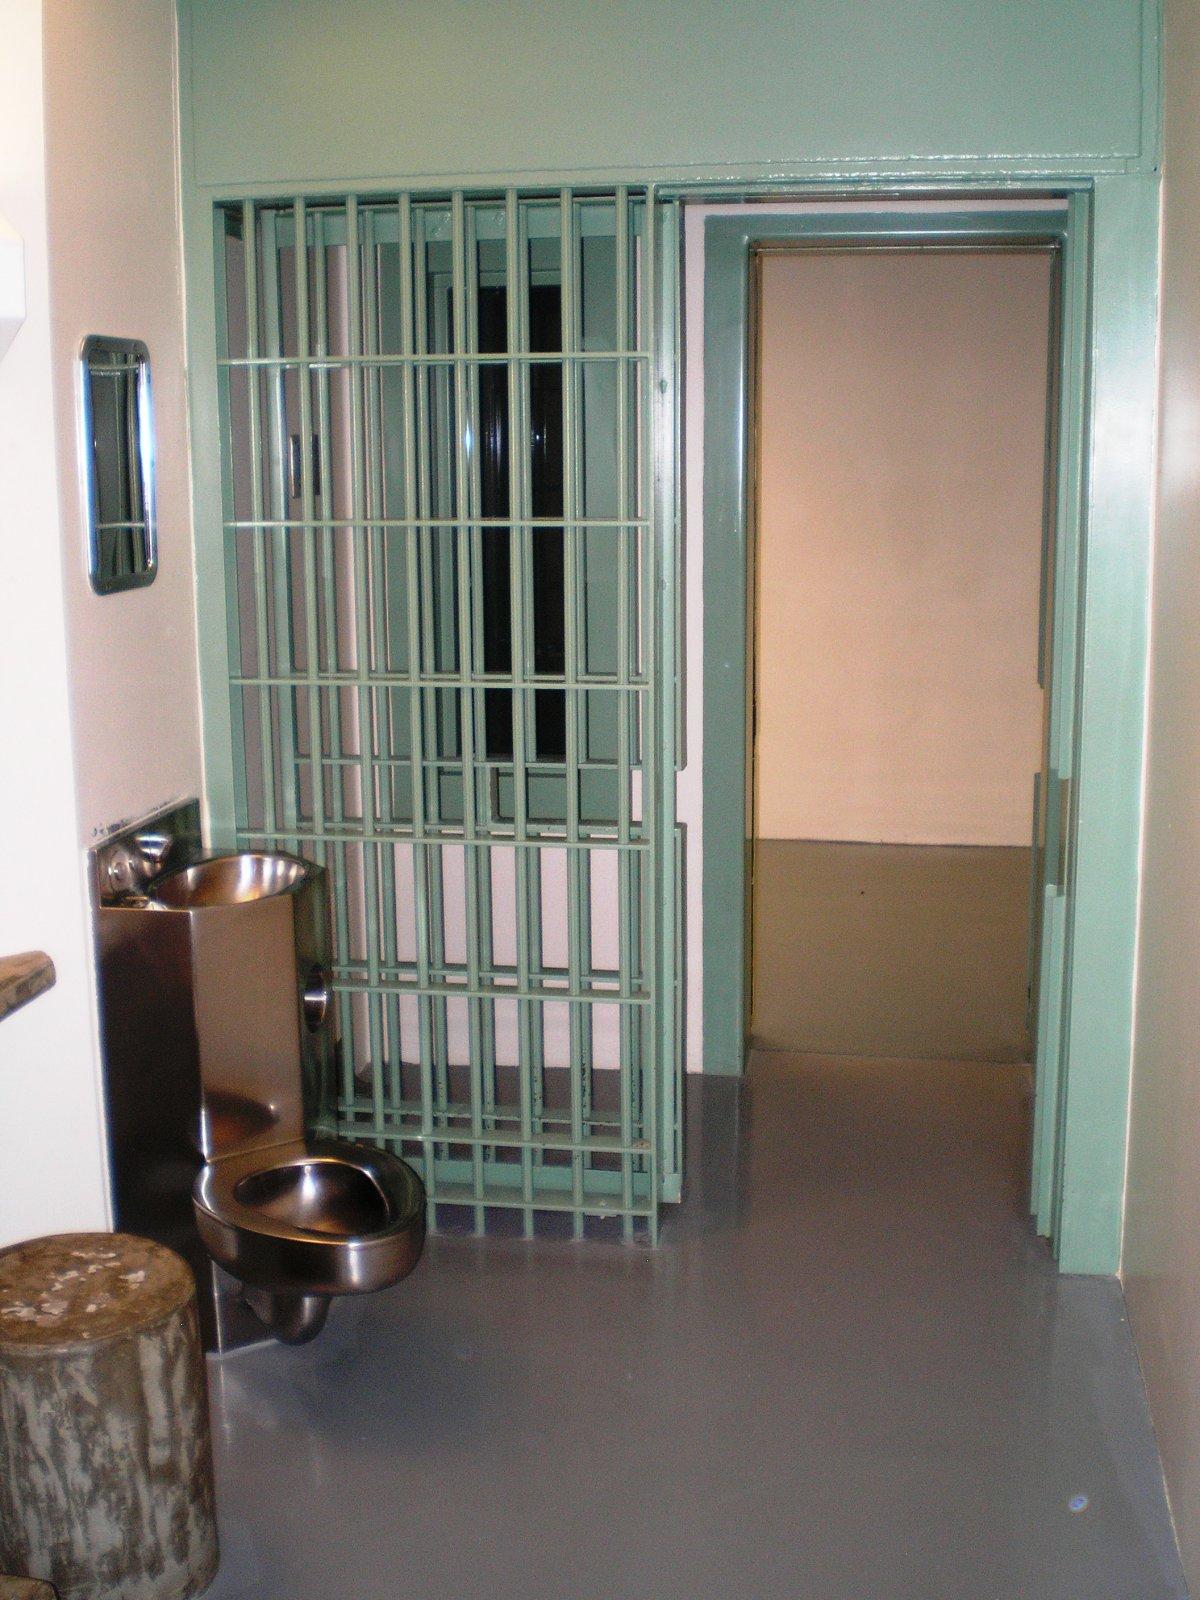 Заключенные в секторе строгого режима отбывают срок в одиночку и не имеют возможности контактировать